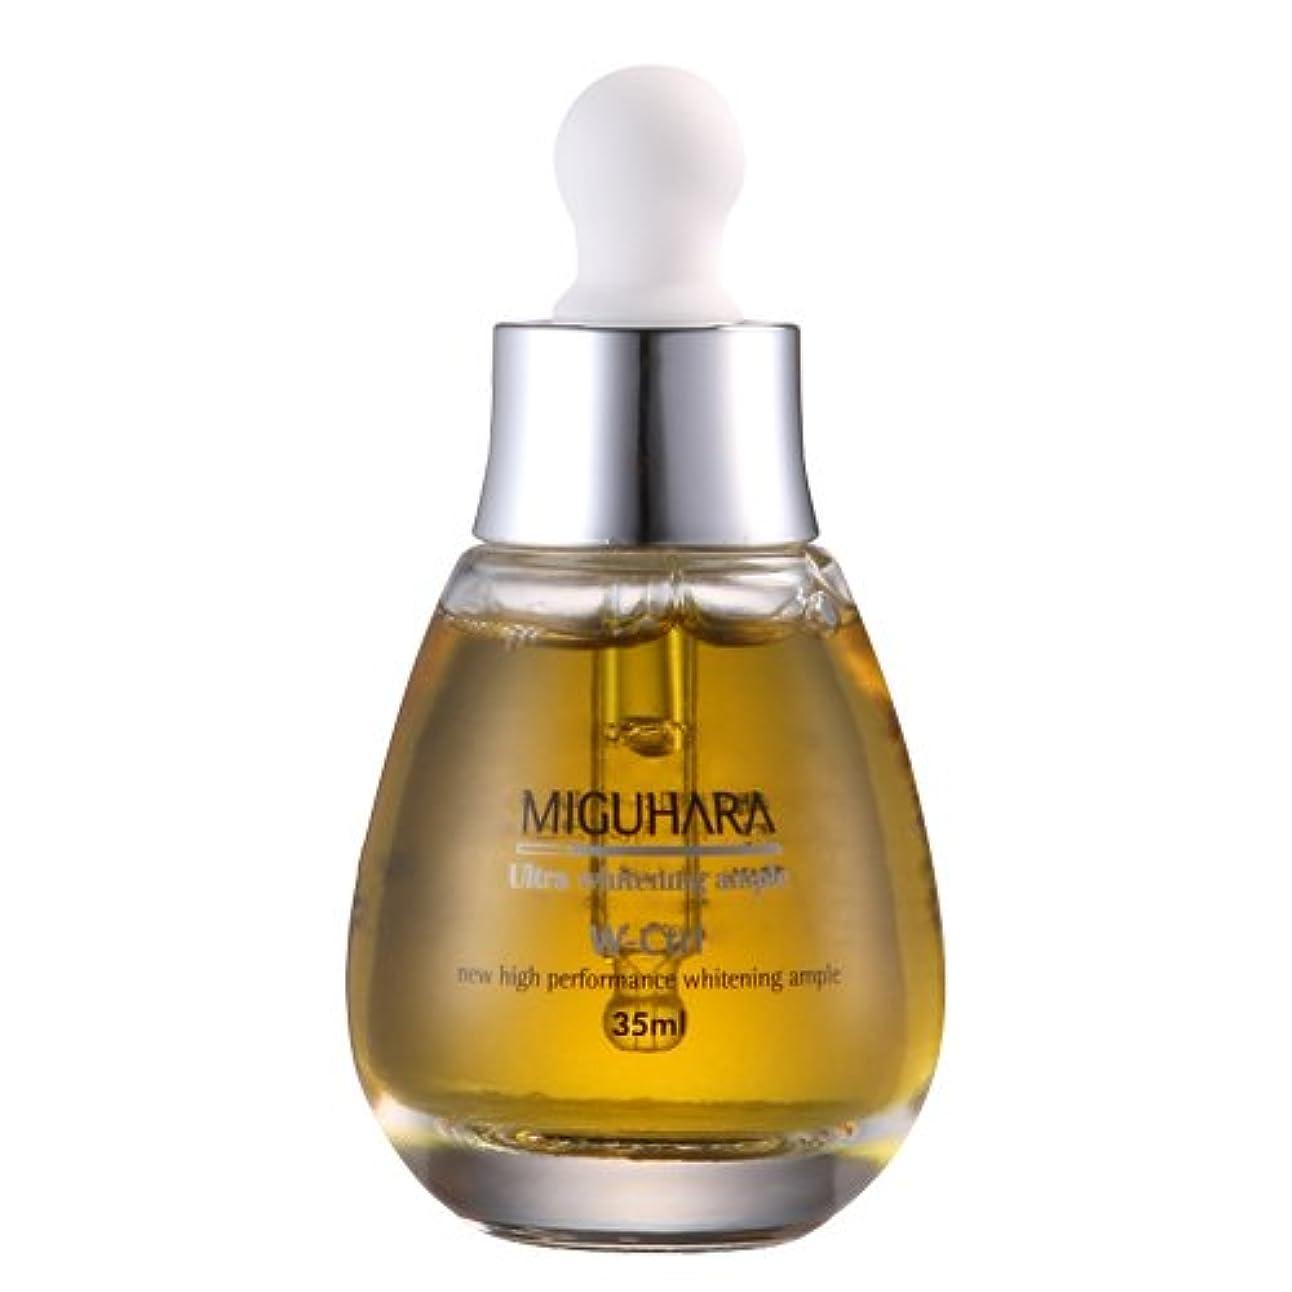 酸っぱいヒステリック共同選択(韓国製)MIGUHARAウルトラホワイトニング豊満35ミリリットル自然化粧品Ultra Whitening Ample